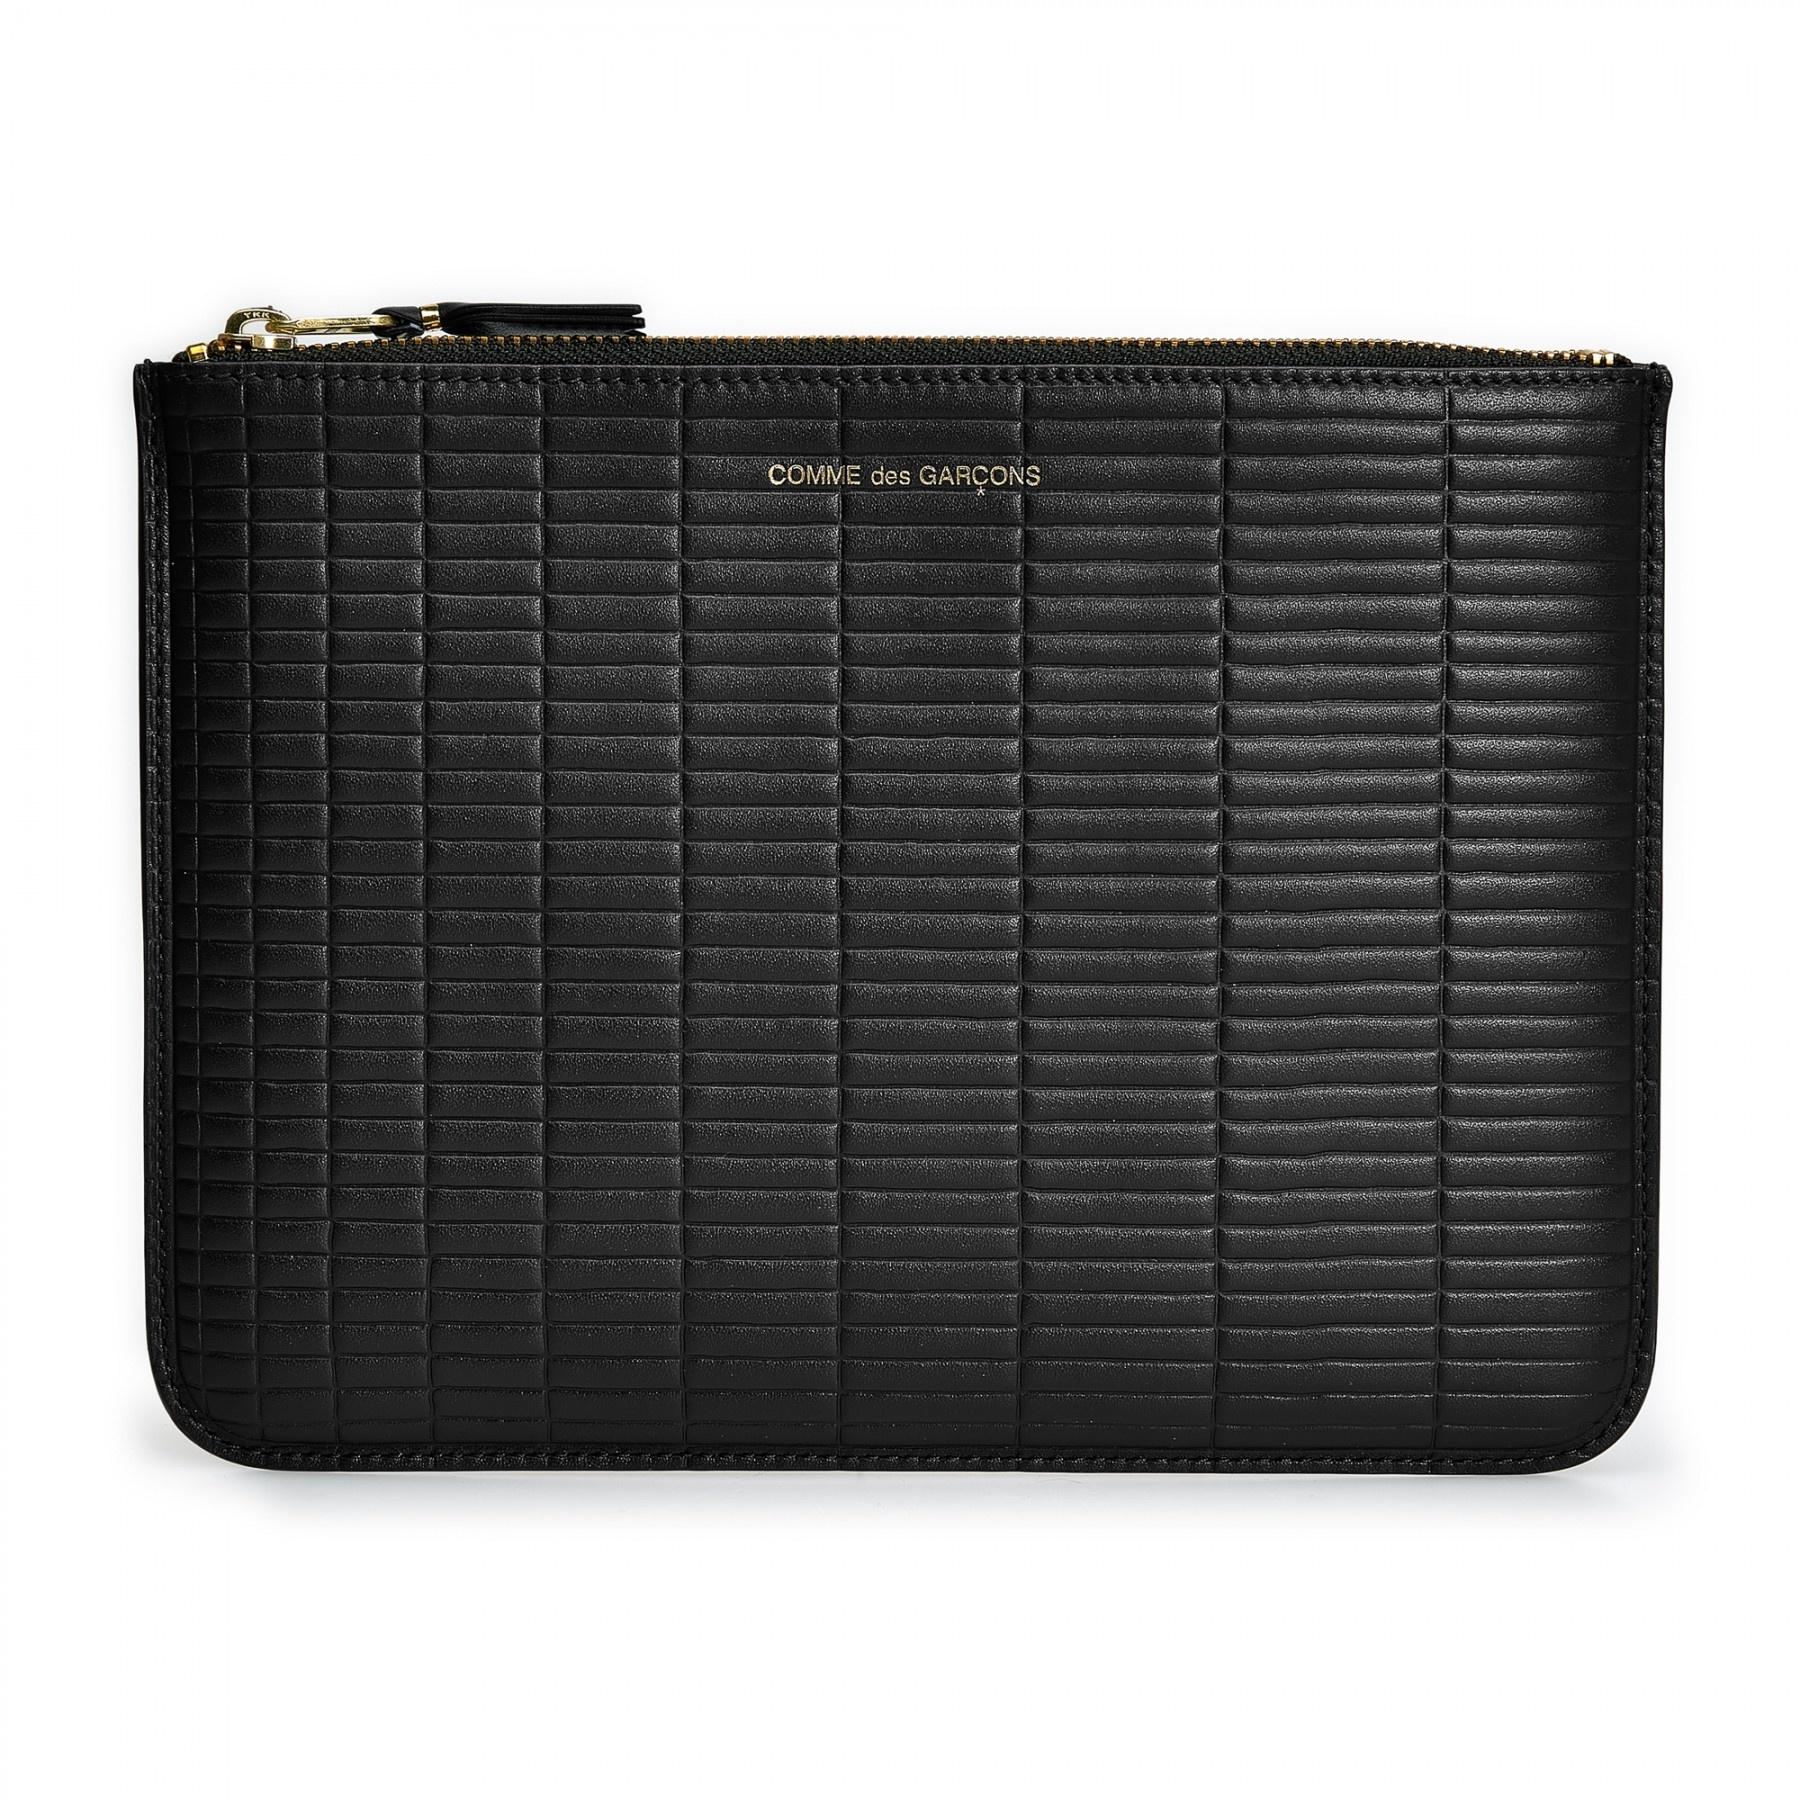 COMME des GARÇONS WALLET Large Pouch Embossed Brick Black SA5100BK